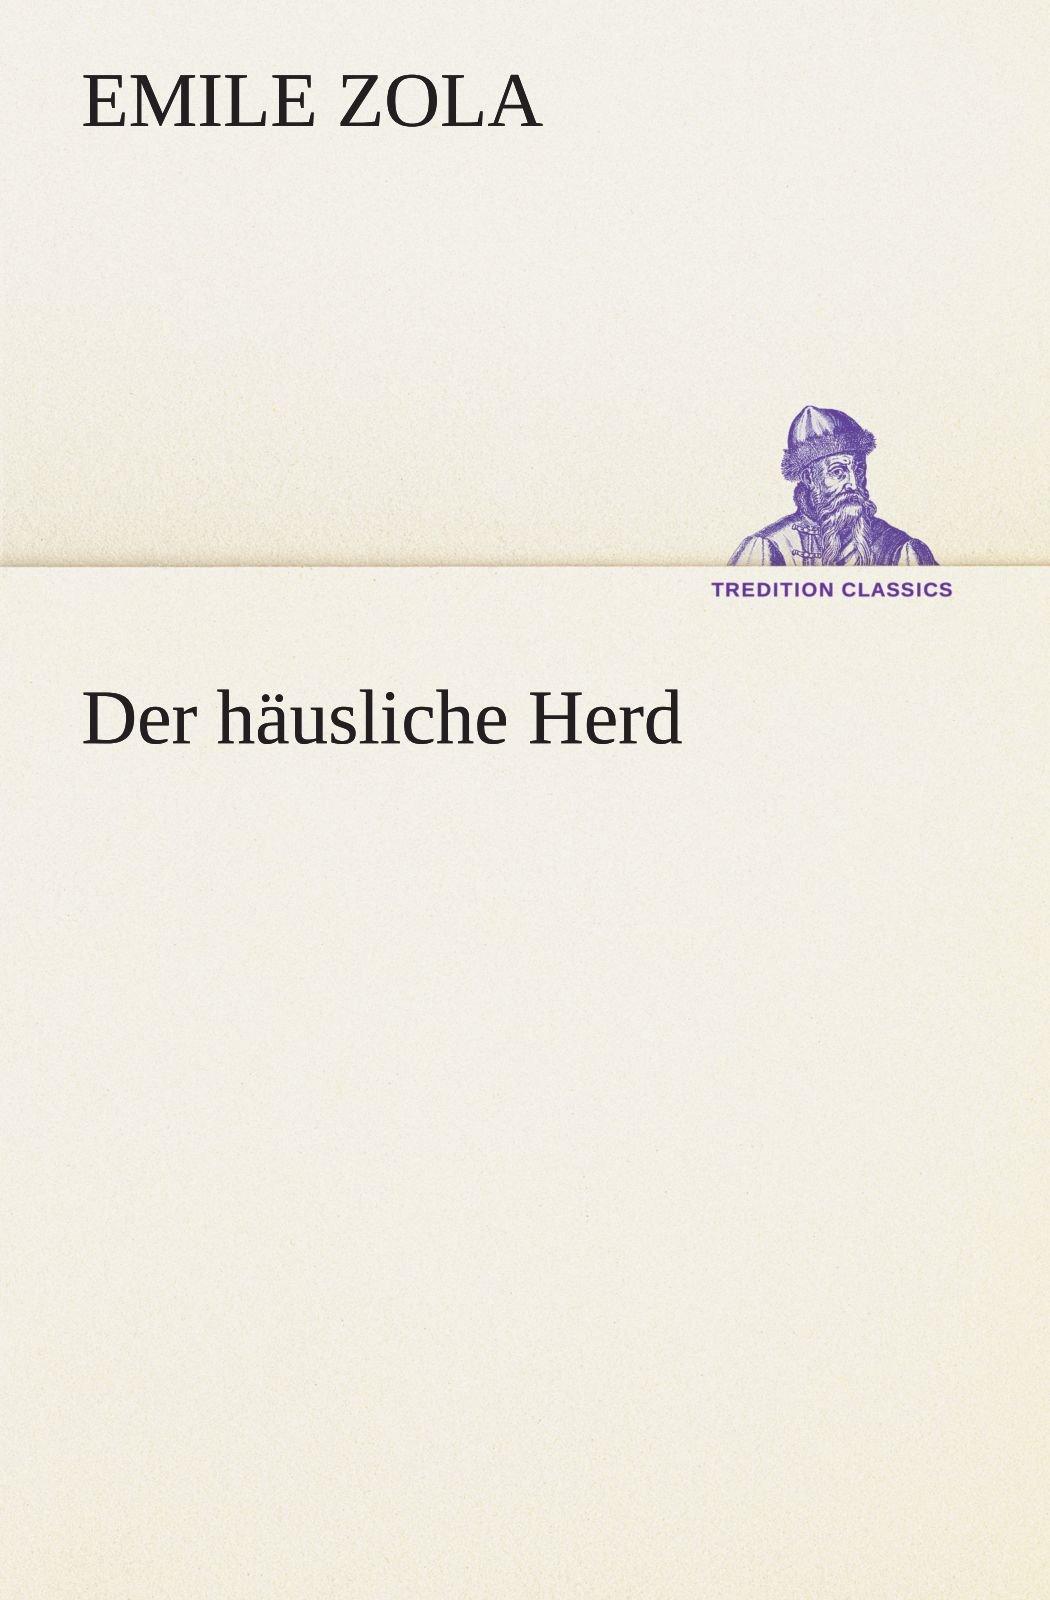 Der häusliche Herd (TREDITION CLASSICS) (German Edition) pdf